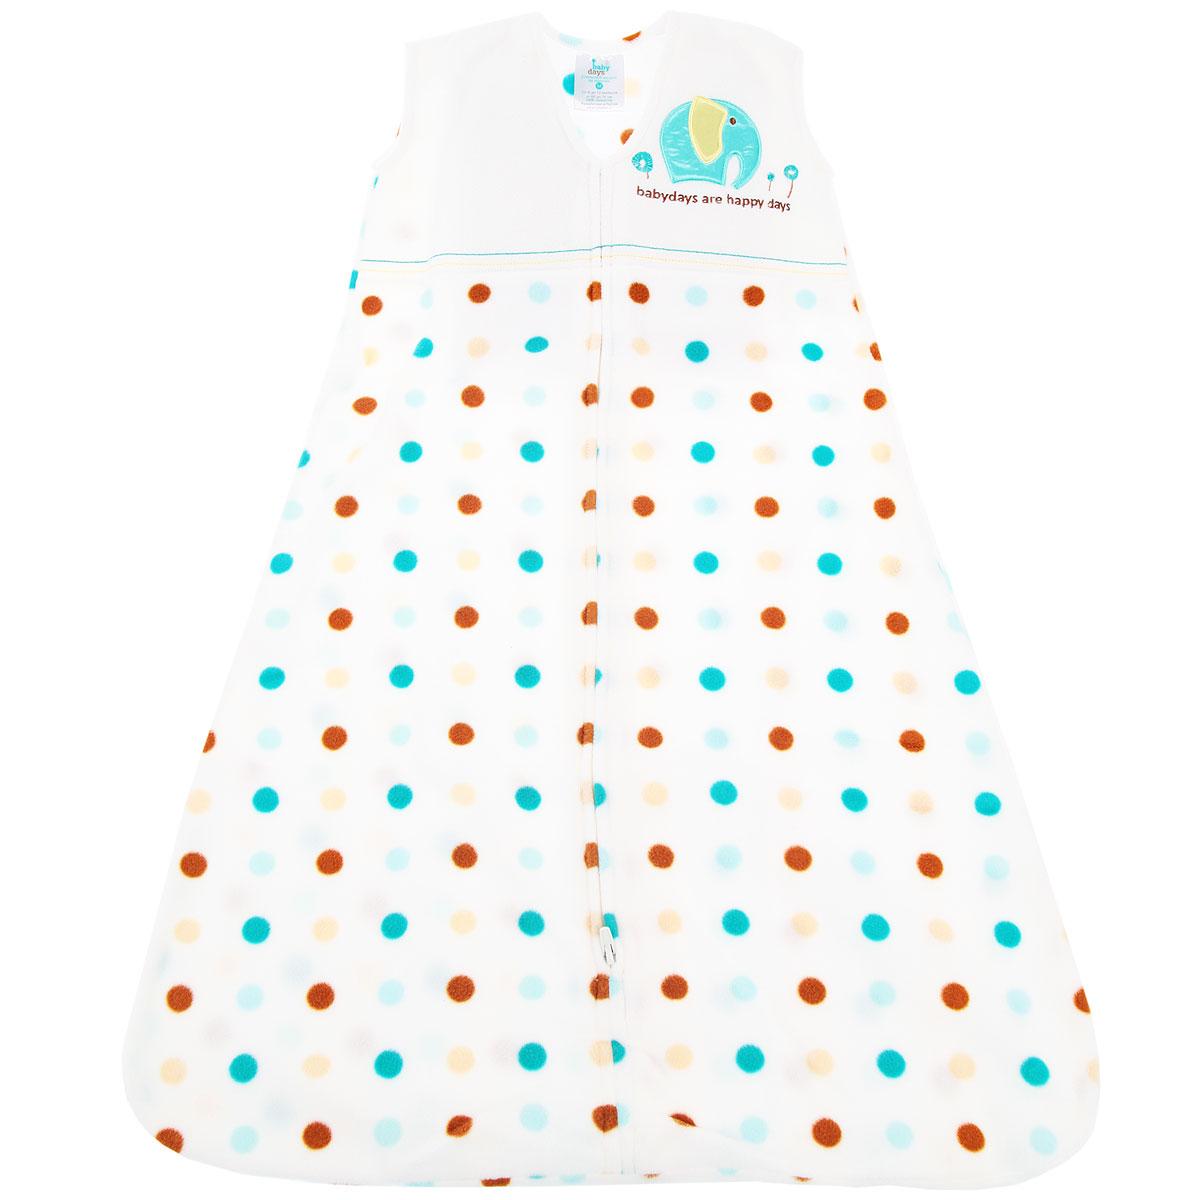 Спальный мешок для новорожденного Babydays Слоненок, цвет: белый. bd20008. Размер S (58/66), 0-6 месяцев0301-402 TND_белый _ 58-66 см.Спальный мешок для новорожденного Babydays Слоненок - это одновременно спальный мешок и теплое уютное одеяло. Мешок выполнен из теплого мягкого микрофлиса (220 г/м) - 100% полиэстера. Изделие отличается высокой прочностью и износостойкостью, материал не линяет, не теряет яркости, сохраняет свой первоначальный вид по мере использования и носки. Модель одевается поверх обычной одежды для сна, обеспечивая максимальный комфорт и безопасность.Мешок без рукавов и с круглым вырезом горловины застегивается на длинную застежку снизу вверх, что делает удобным смену подгузников и не травмирует подбородок. Безрукавный крой снижает риск перегрева. Свободная нижняя часть дает малышу достаточное пространство, чтобы двигать ножками: это необходимо для правильного развития тазобедренного сустава. Оформлено изделие гороховым принтом, а также на груди украшено аппликацией в виде слоника и вышитой надписью на английском языке. Спальный мешок заменяет одеяло, он безопасен и удобен во время сна малыша.